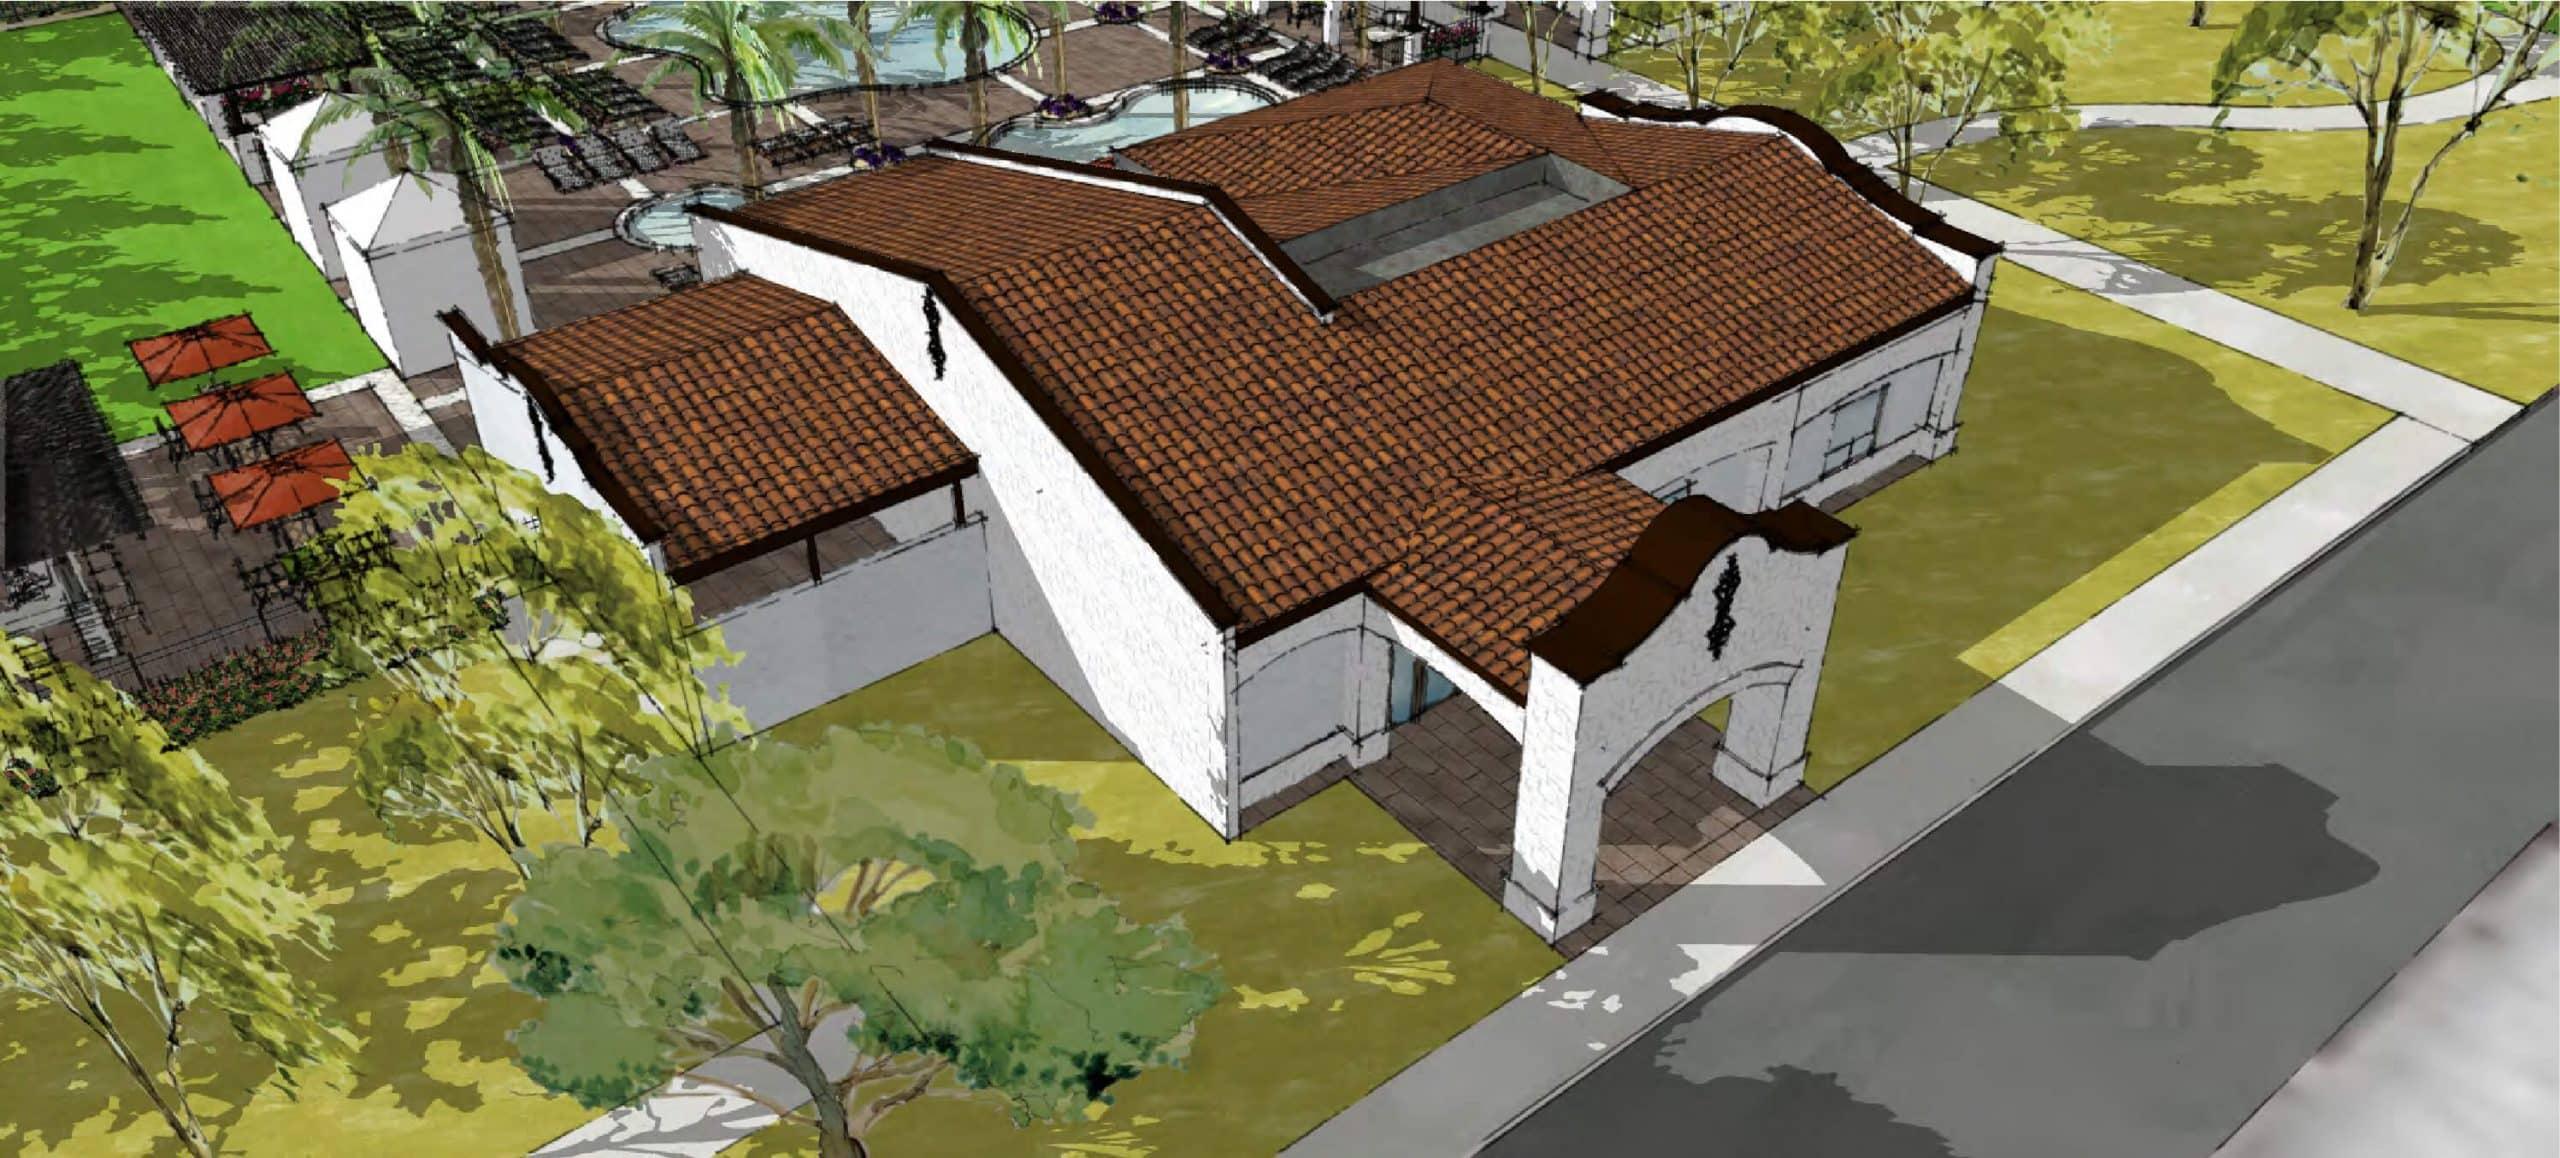 Palms Club Architecture Revision 2019 08 13 Part6 01